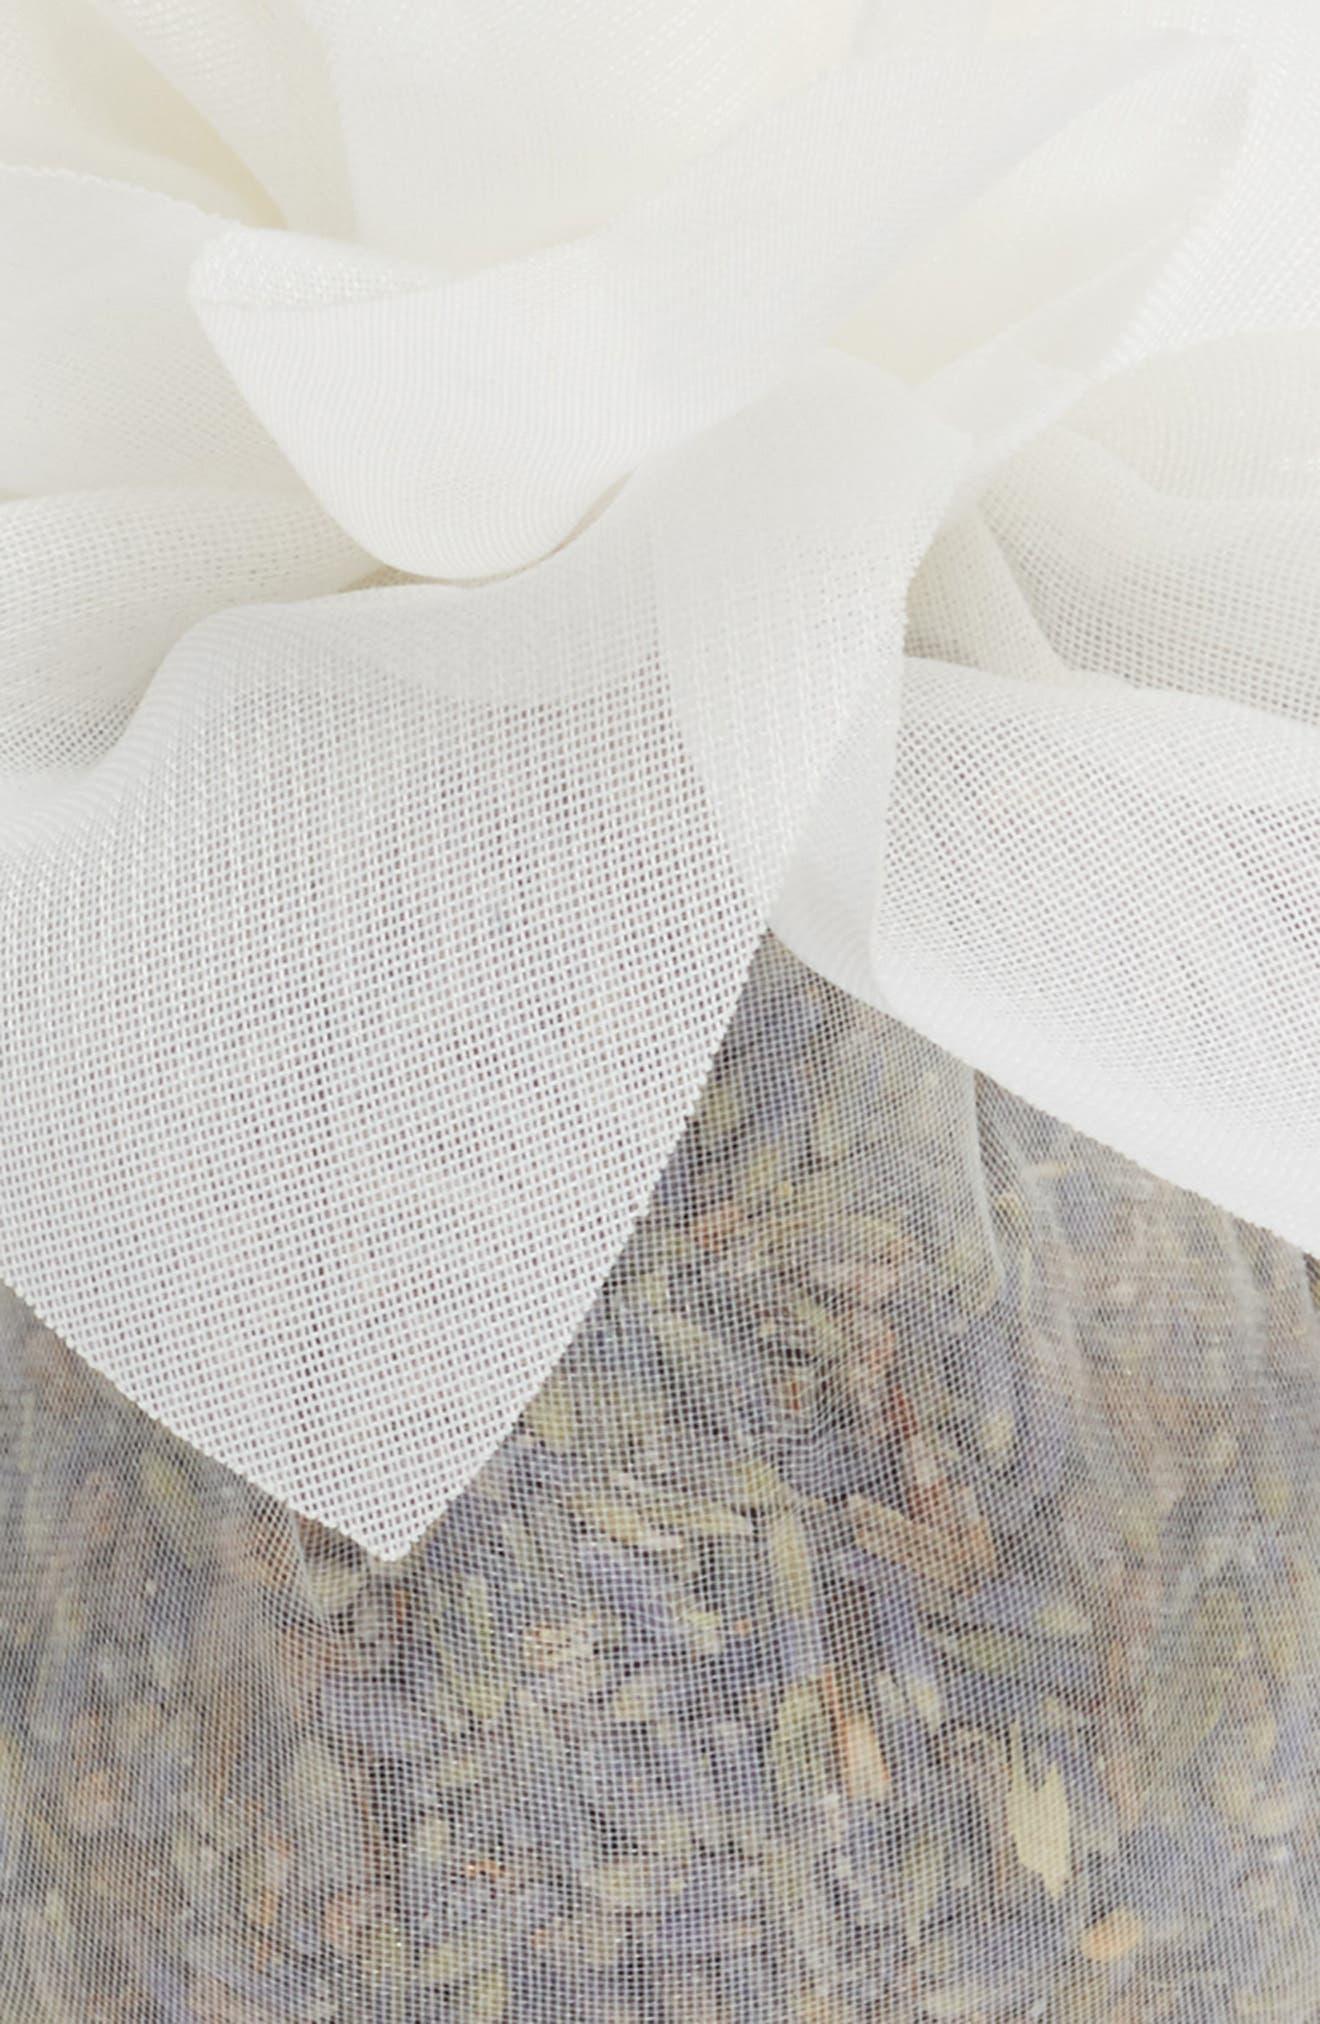 Cream Flower Sachet,                             Alternate thumbnail 2, color,                             000